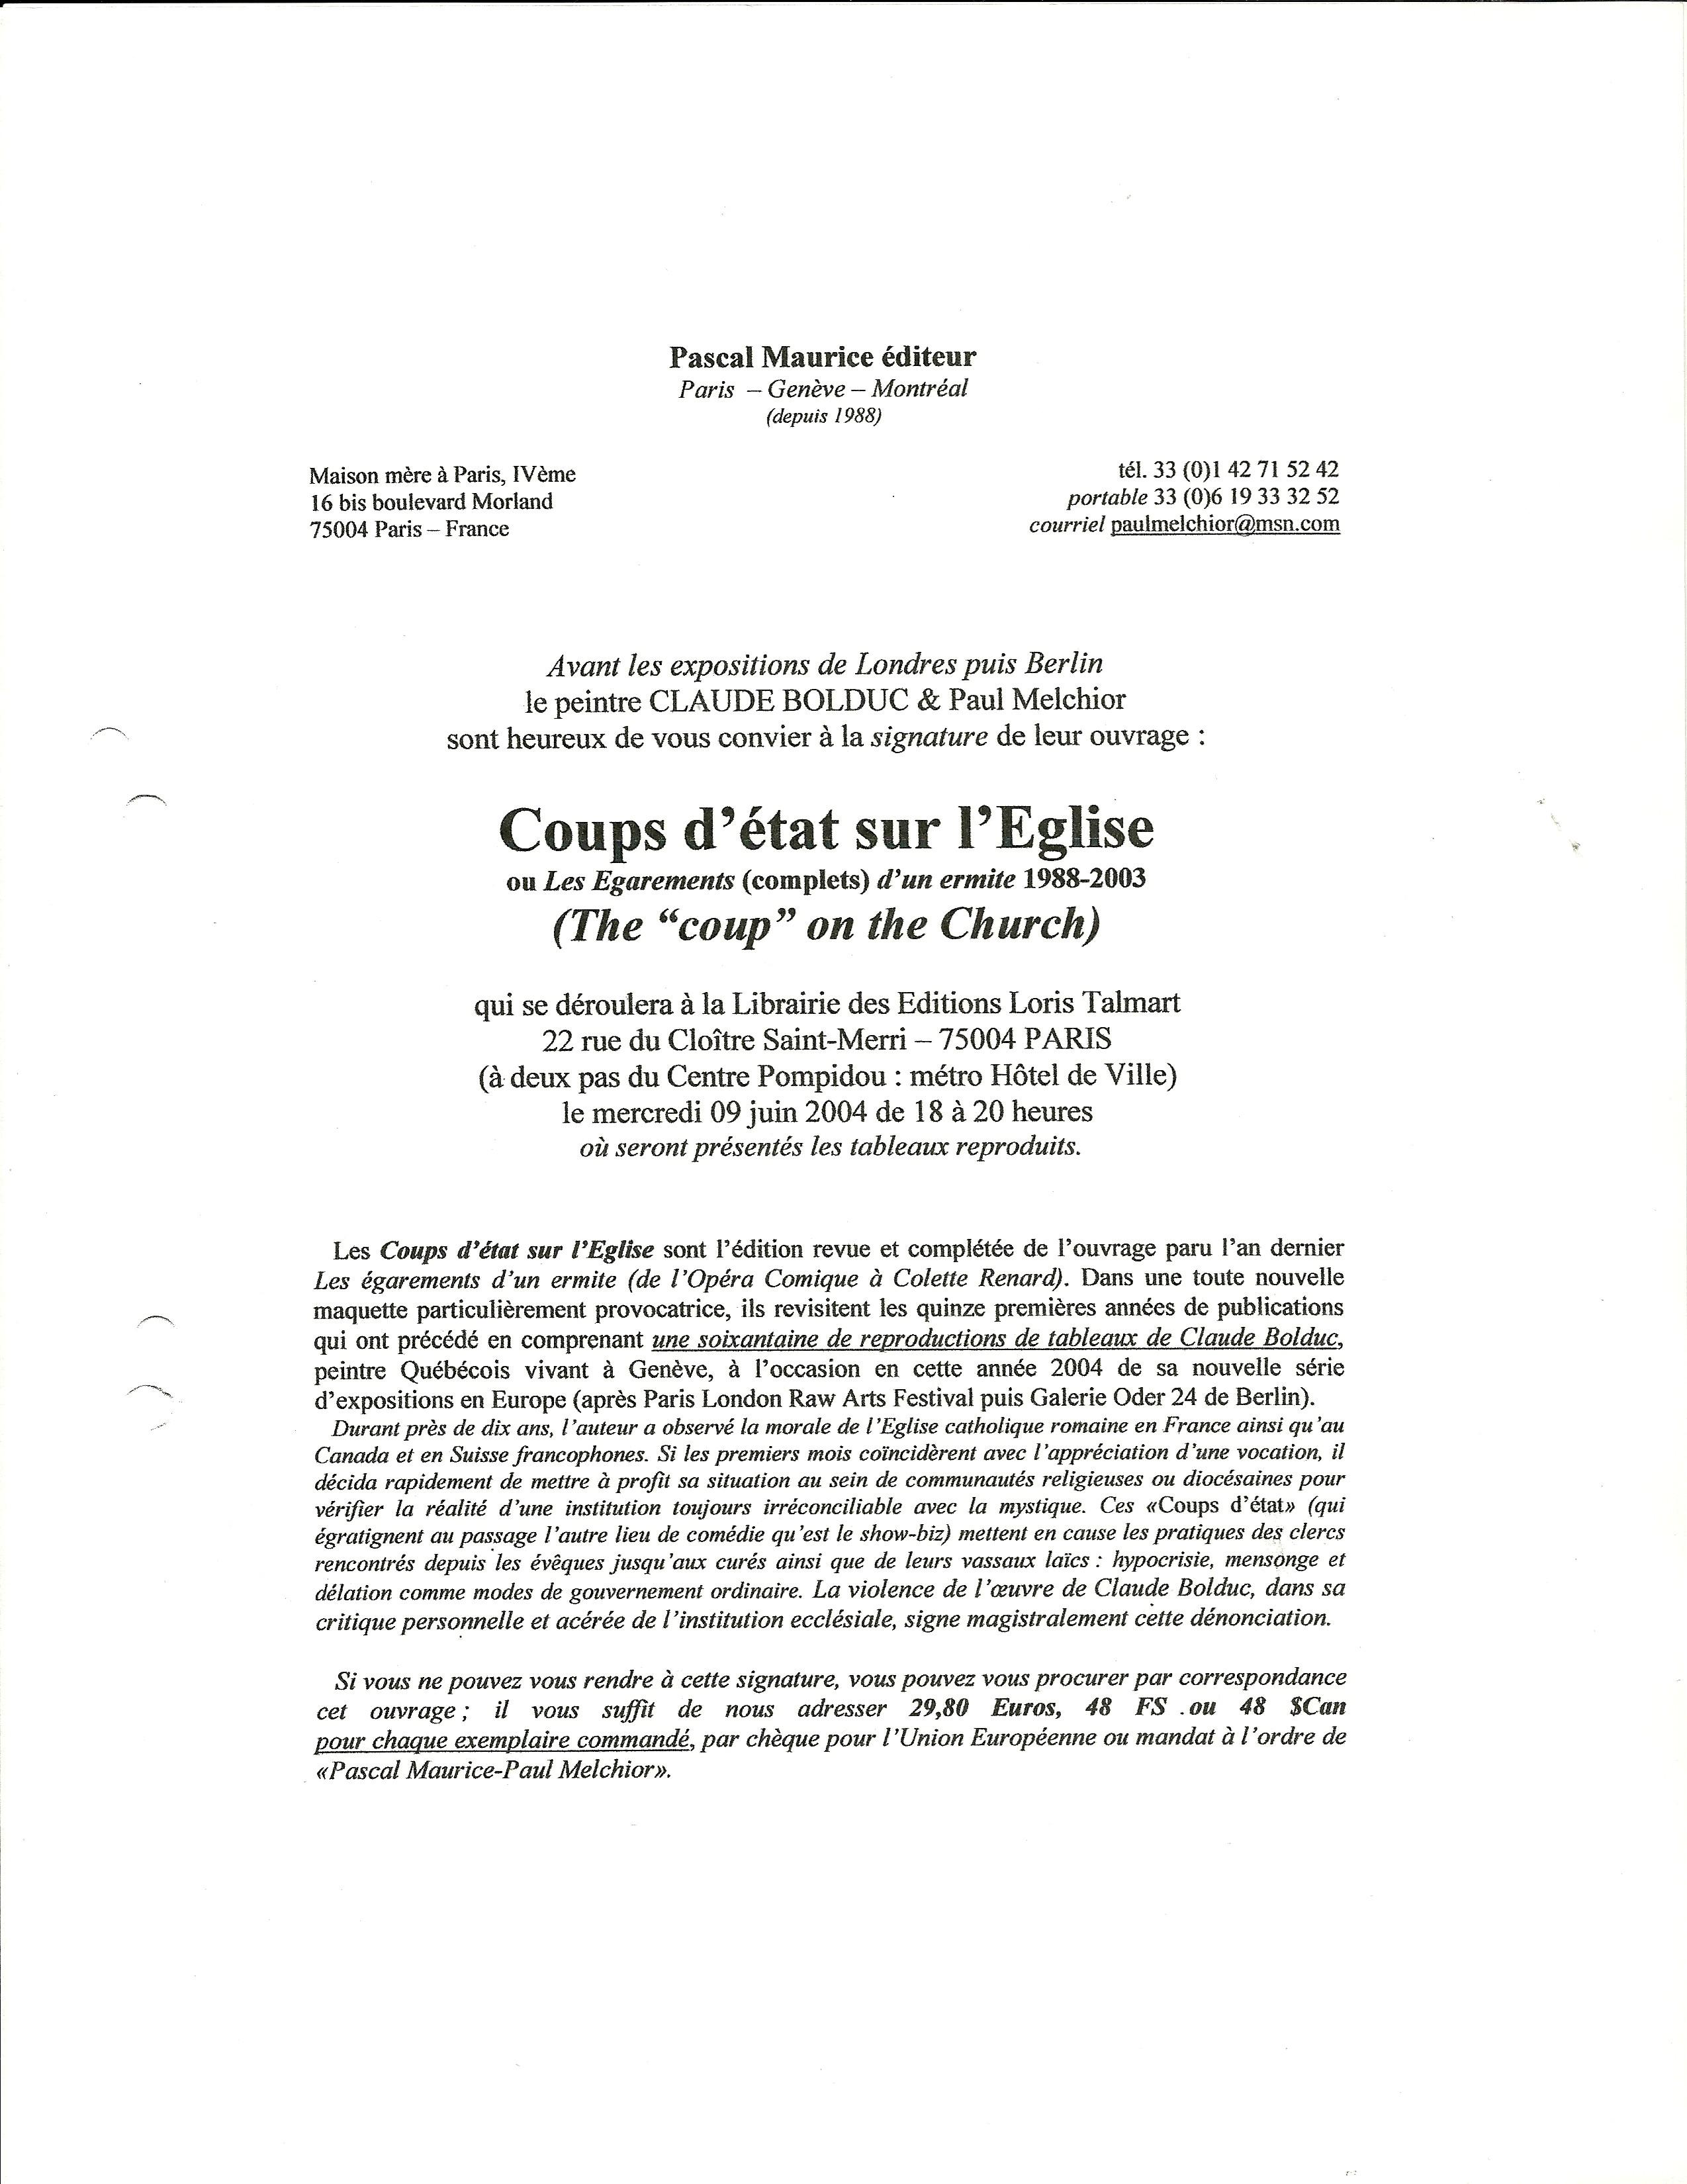 2004, PARIS, 09